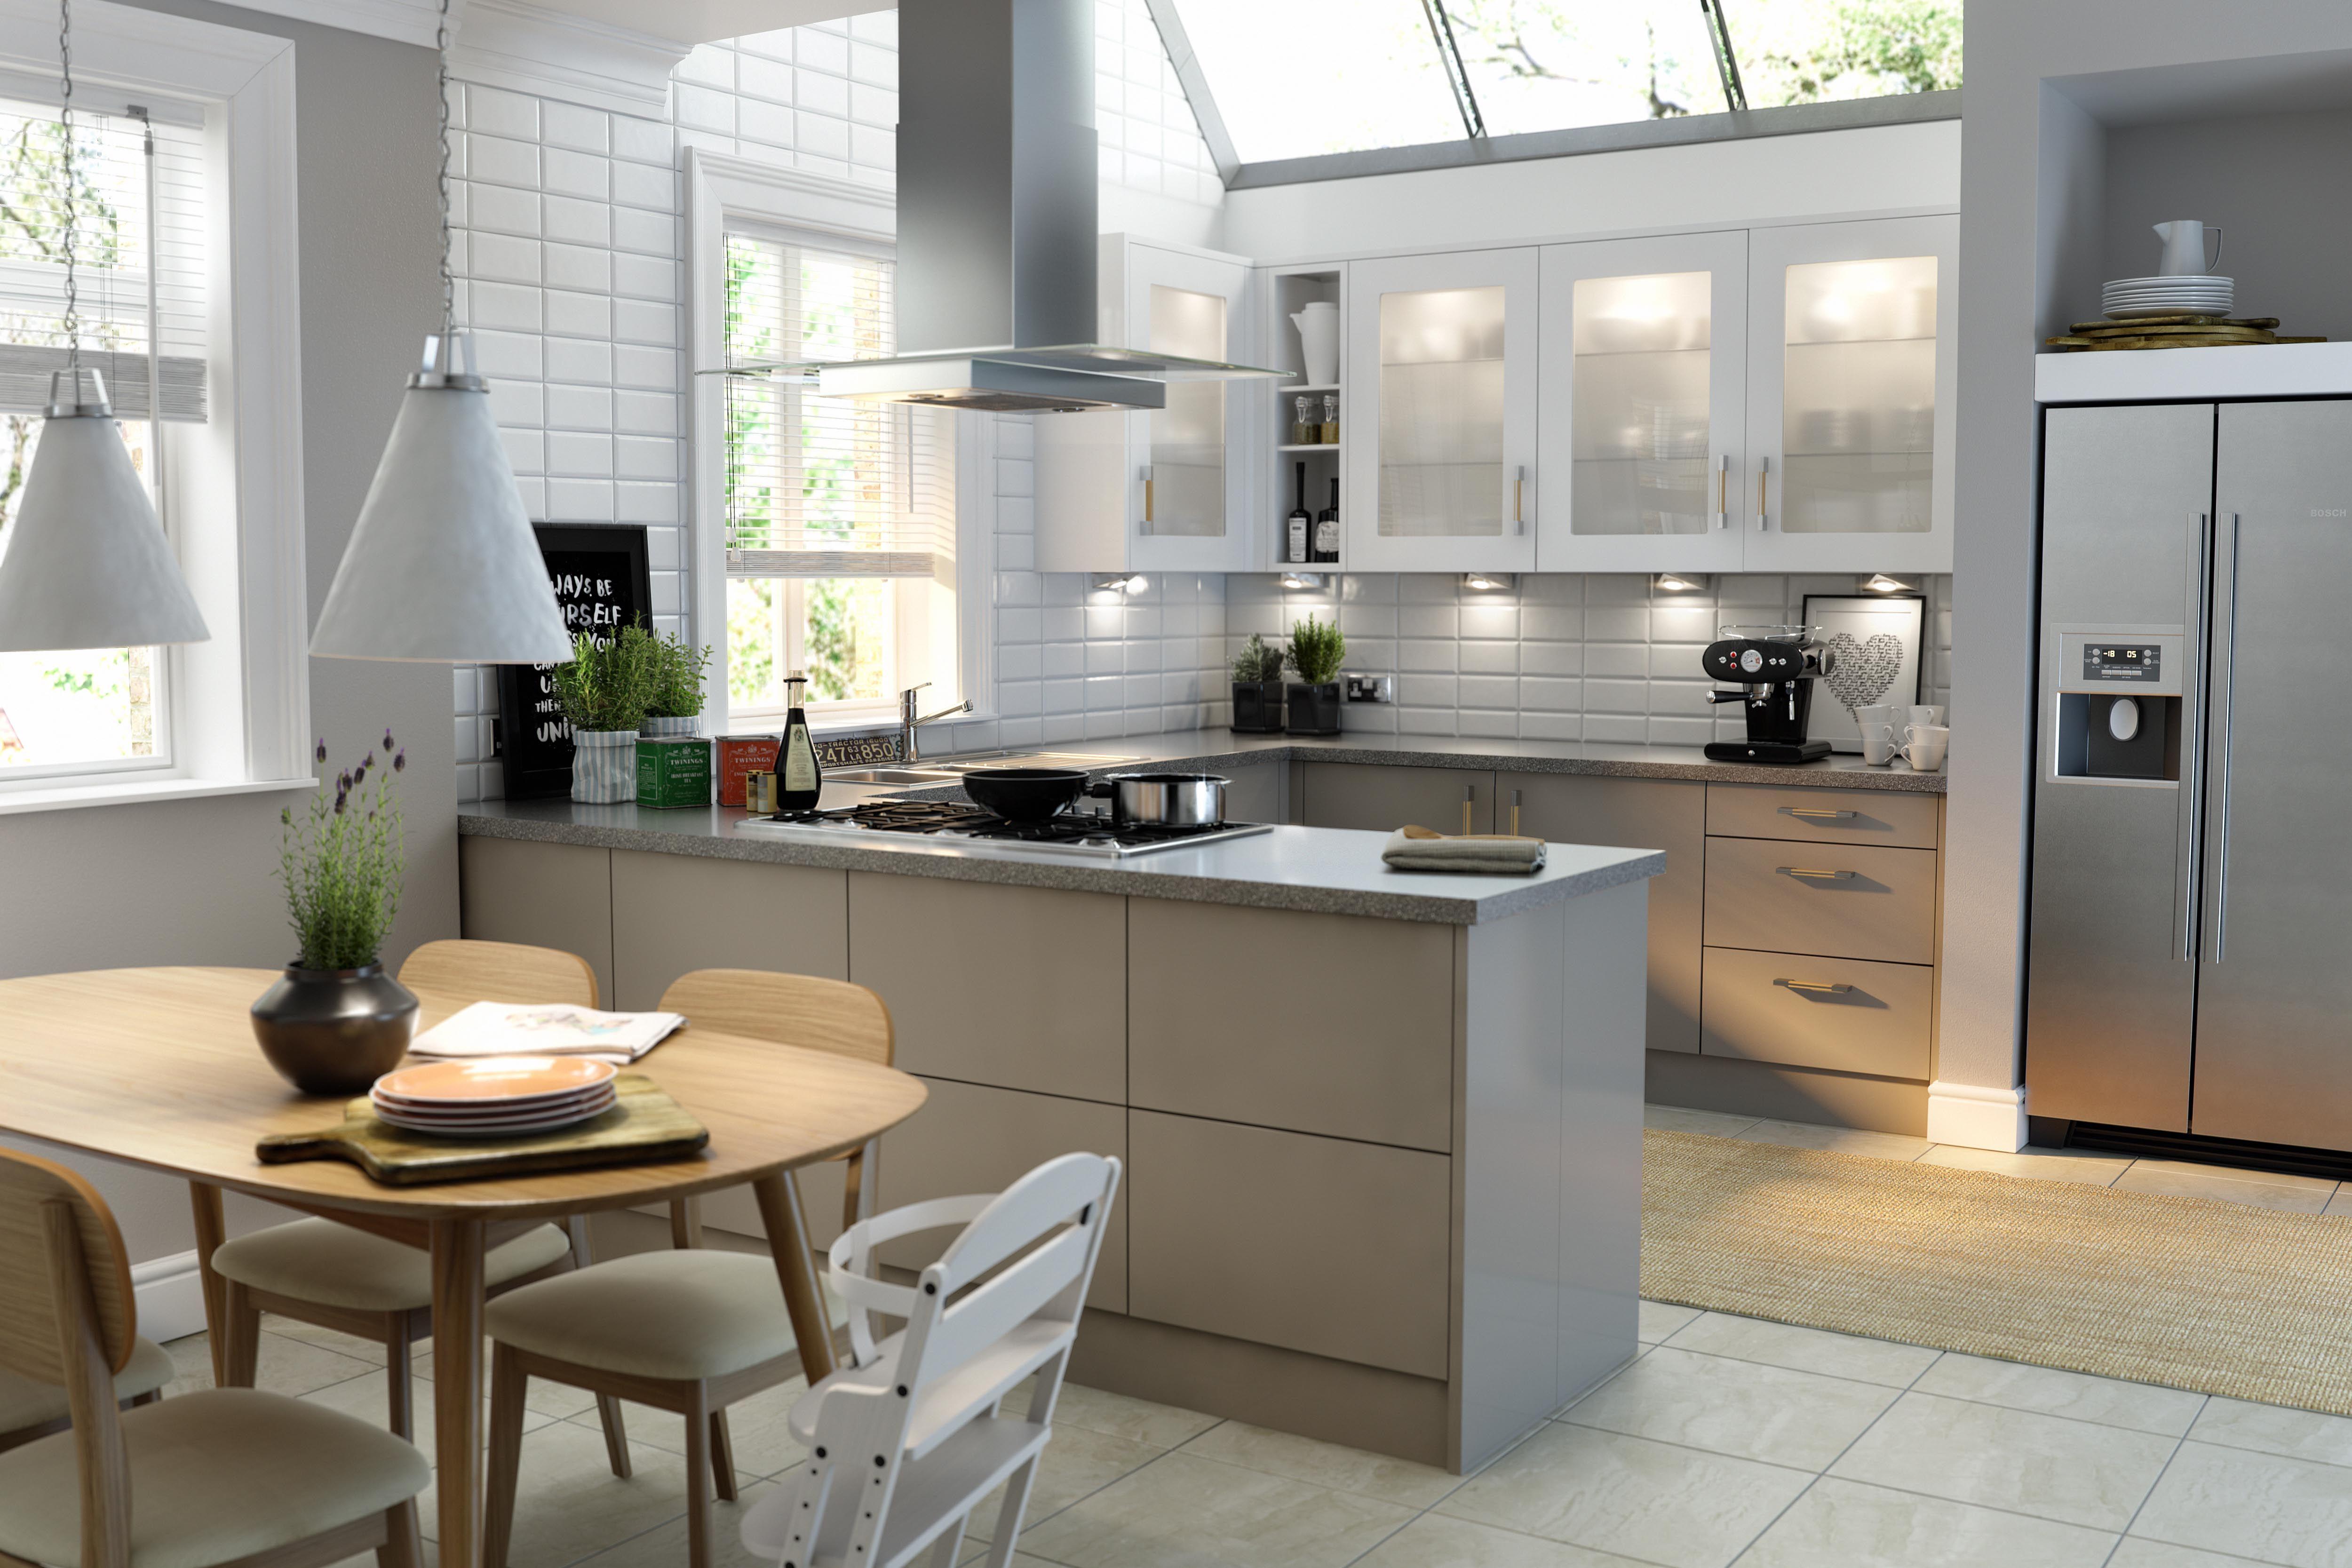 wren kitchens: autograph stone grey gloss kitchen - the soft tone